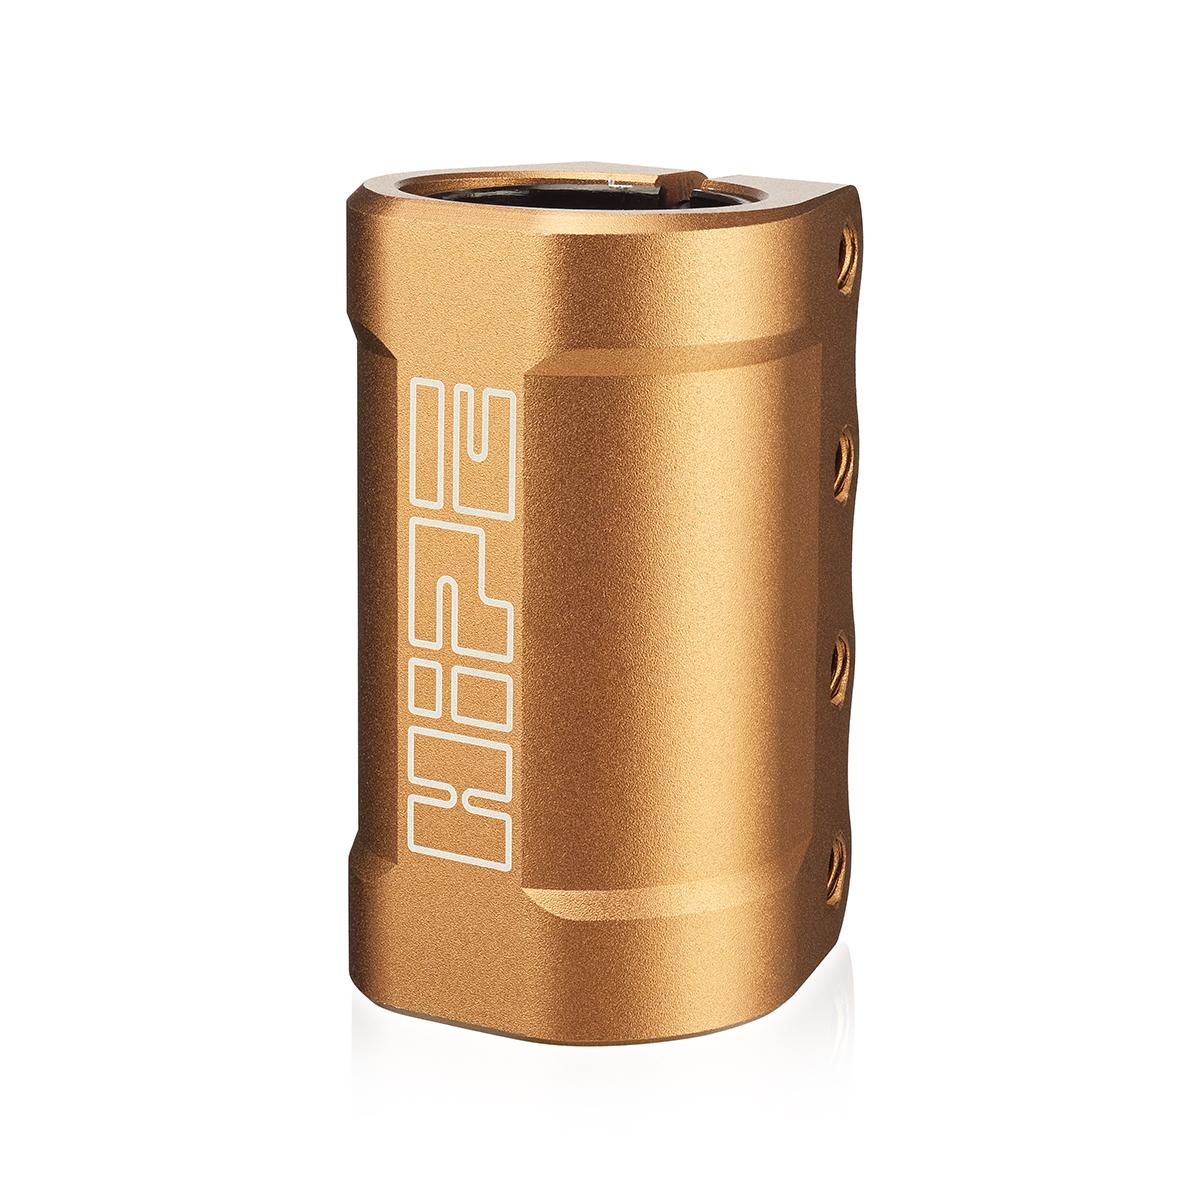 Хомут HIPE H-71 SCS bronze